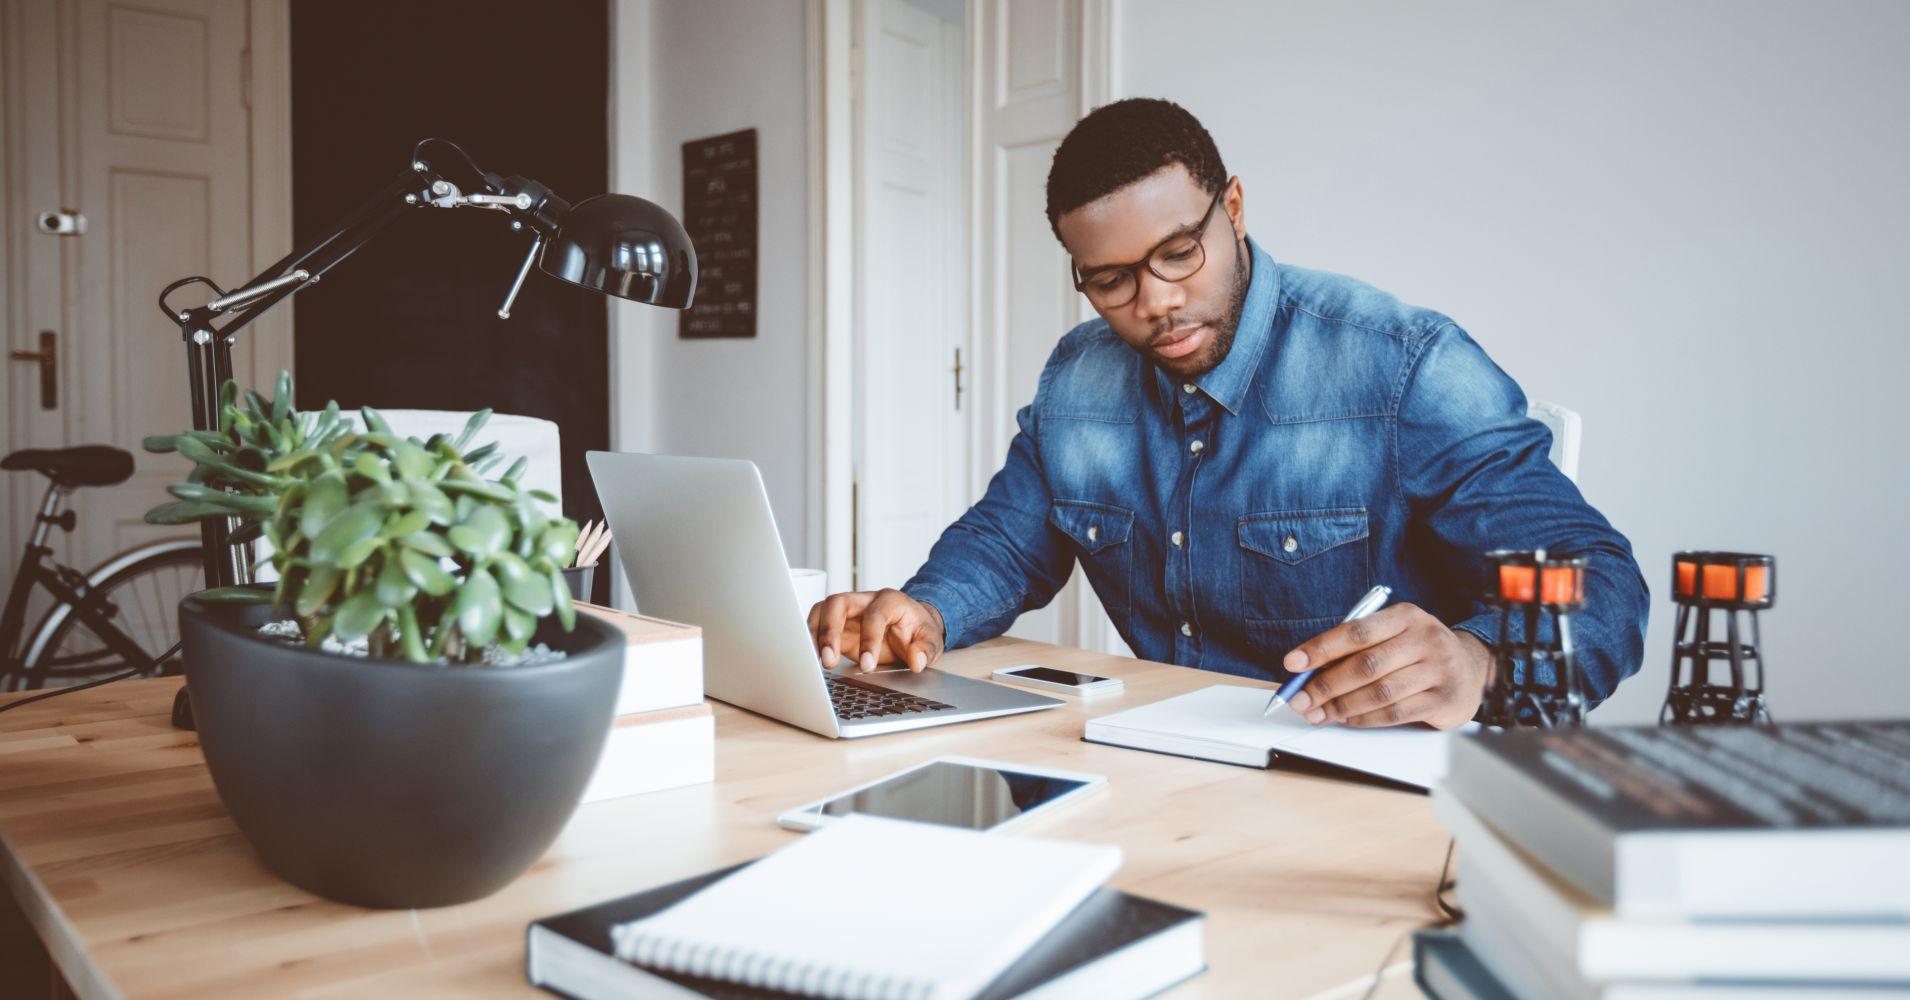 Persona usando ordenador por trabajo